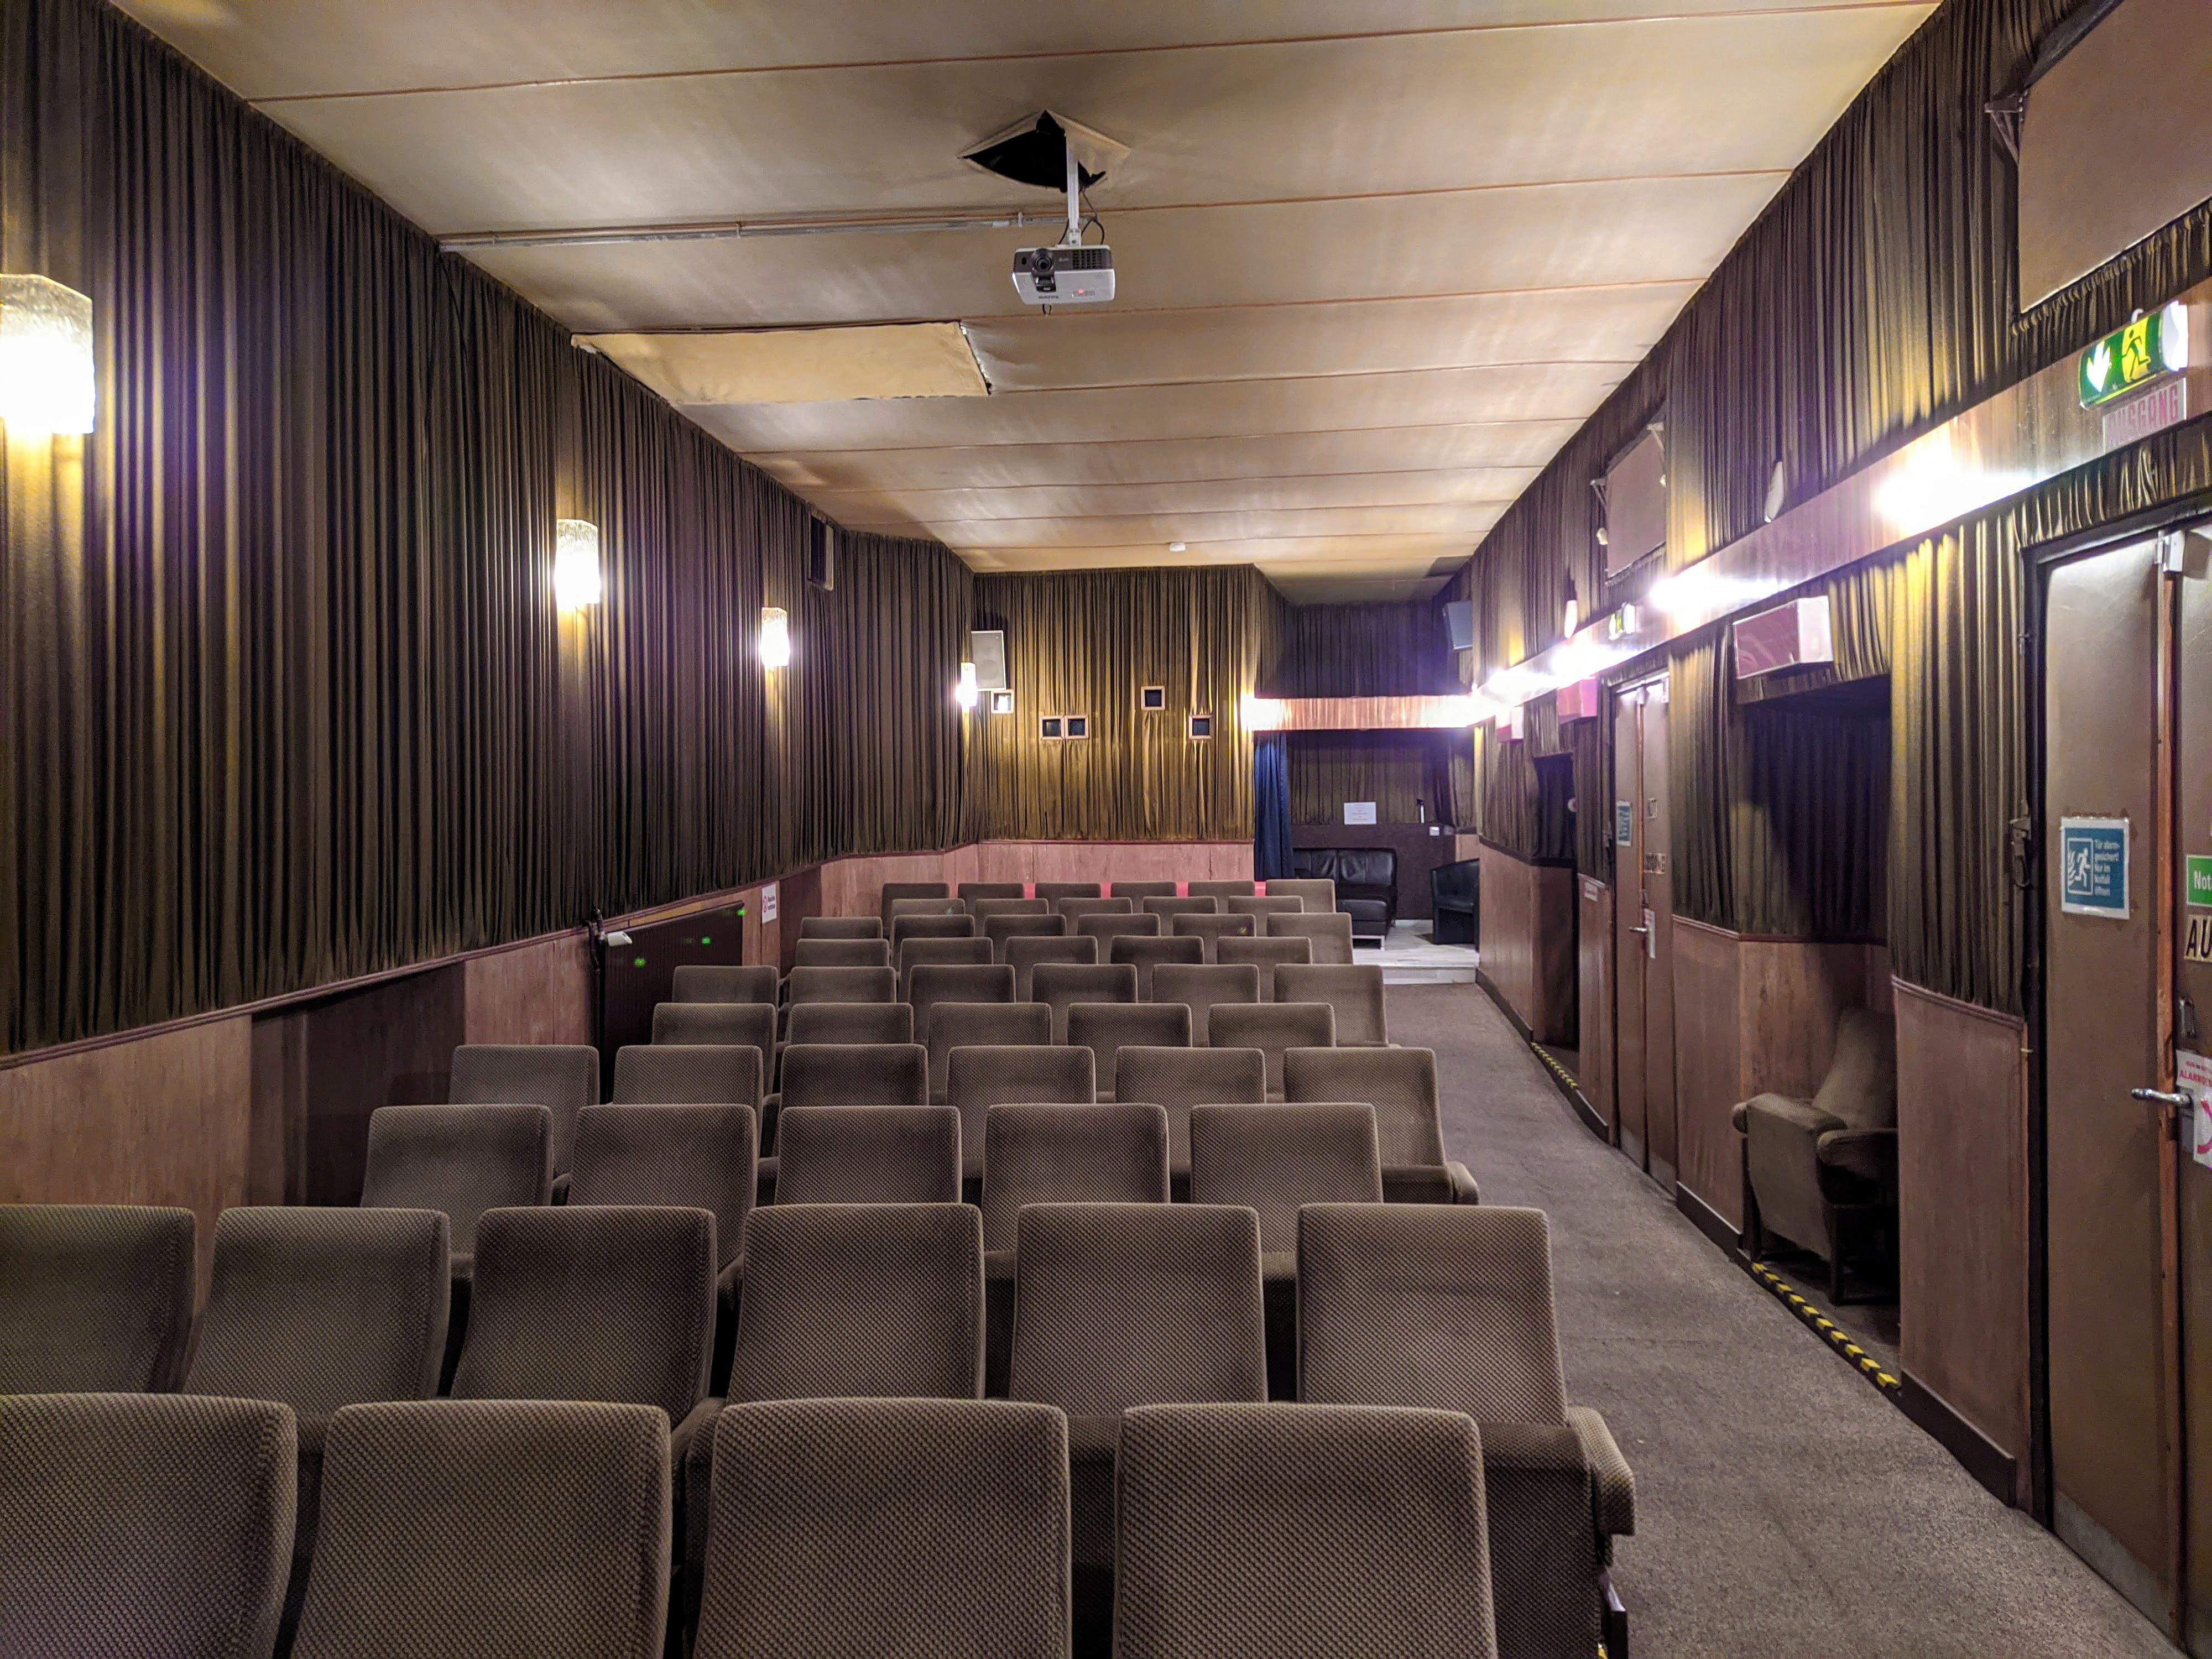 Kino swinger im 11 Orte